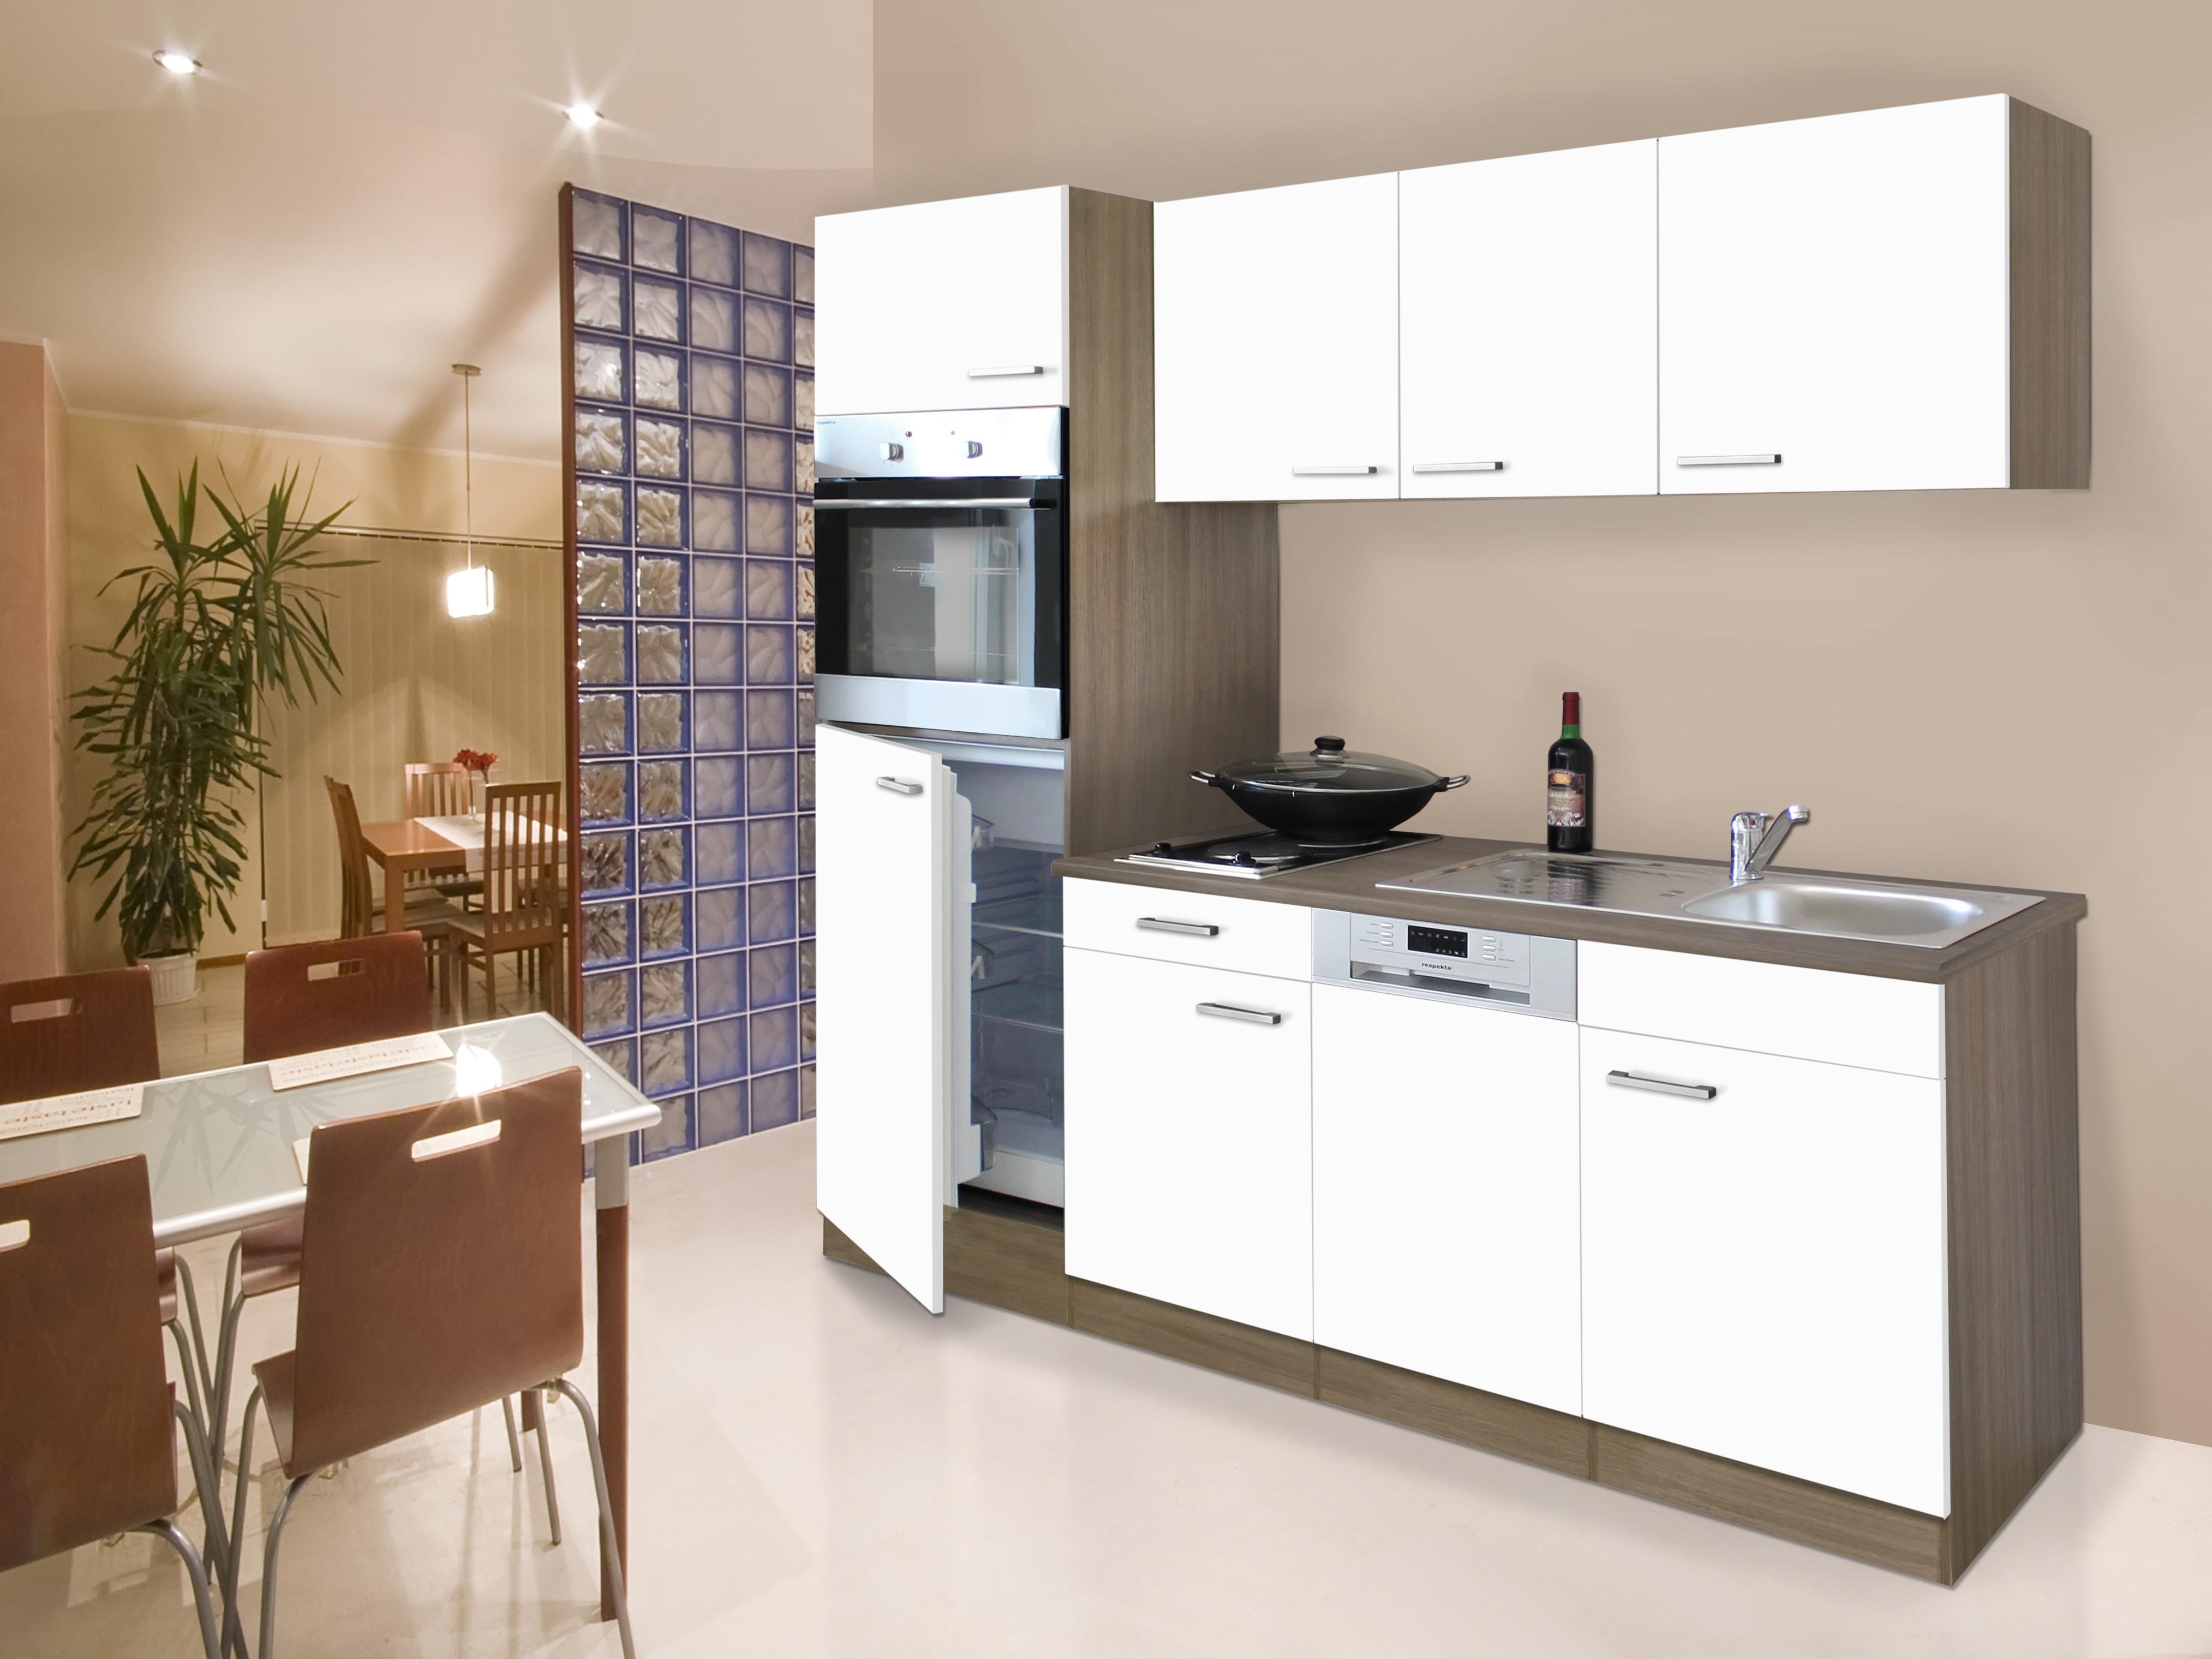 cucina angolo cottura incasso singola 205 cm rovere YORK BIANCO ...